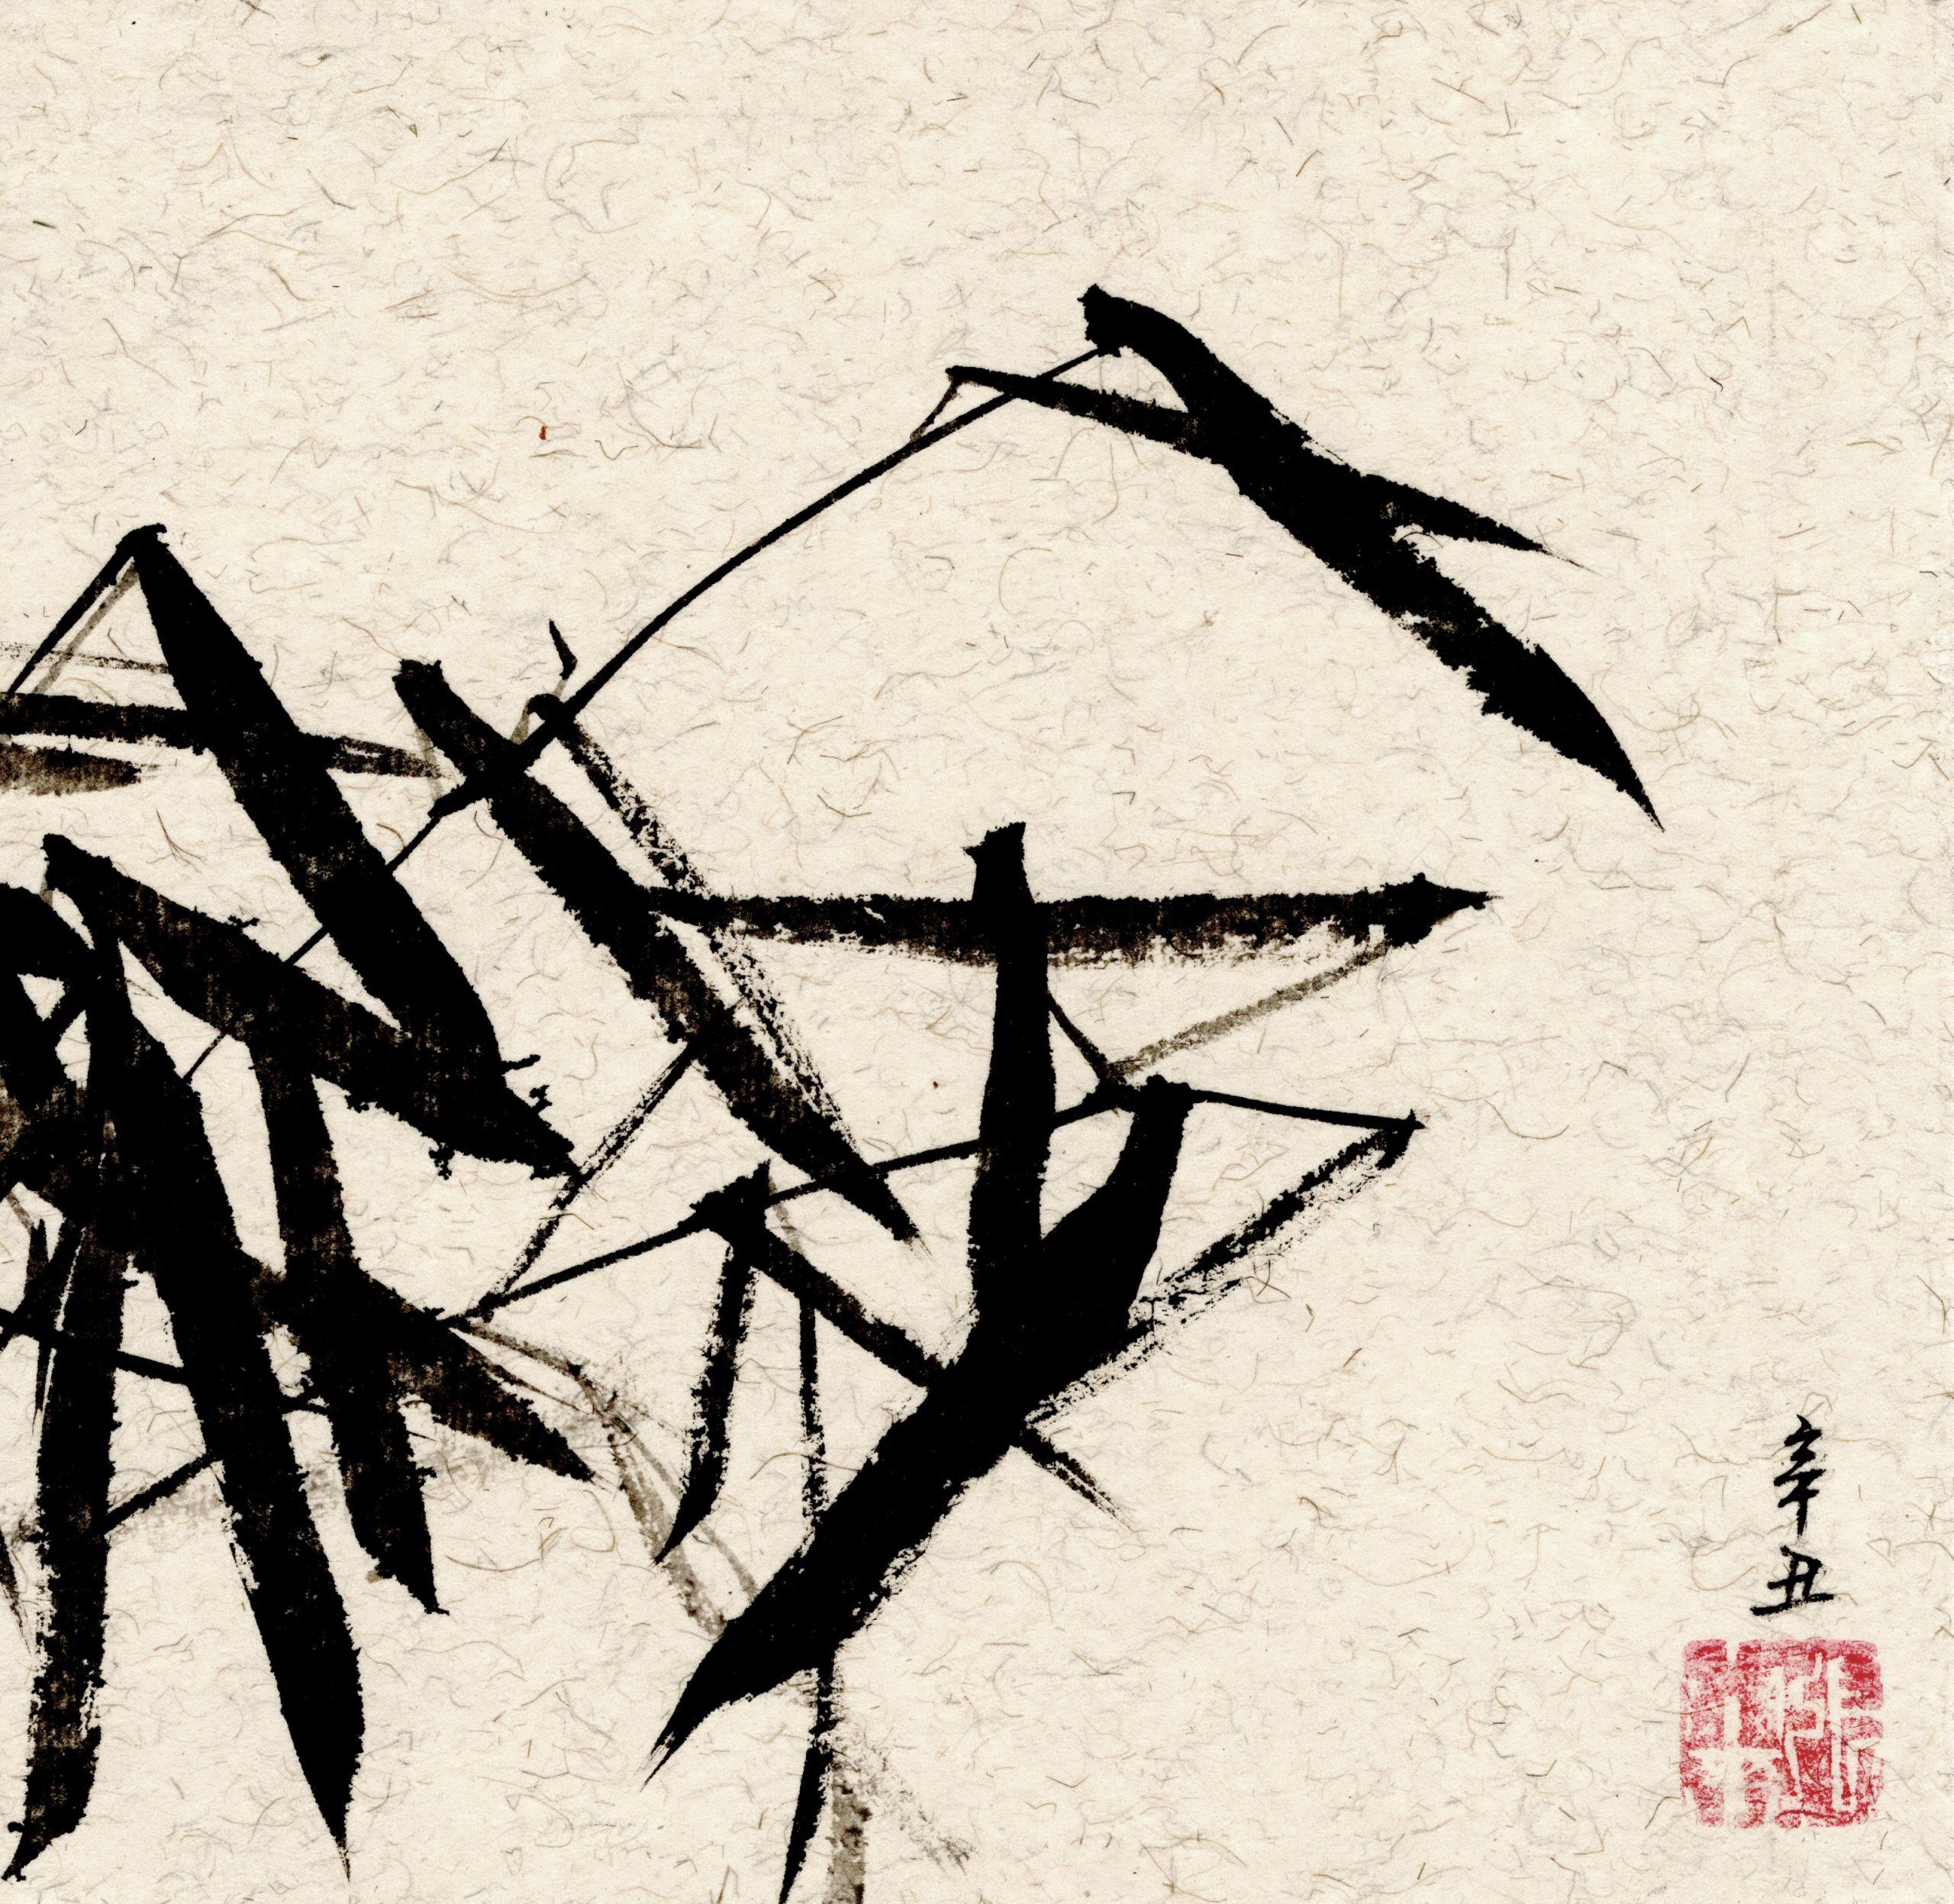 bamboo bambus chinese japanese ink Sumi-e painting chinesische japanische Tusche Zeichnung Malerei